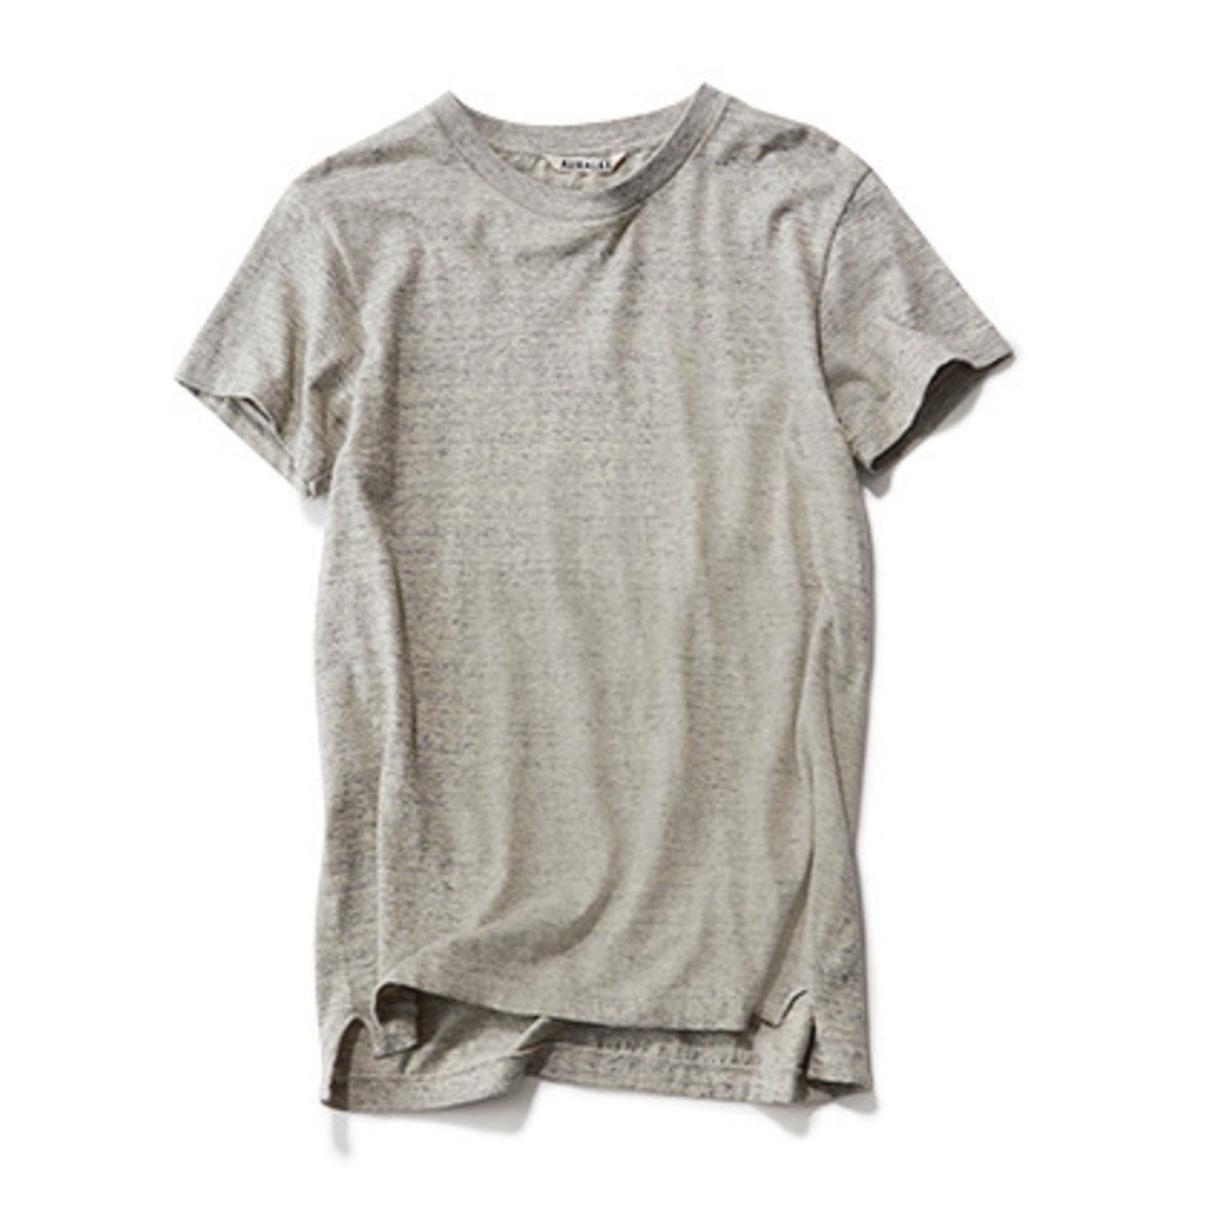 重ね着にぴったりなグレーのTシャツ